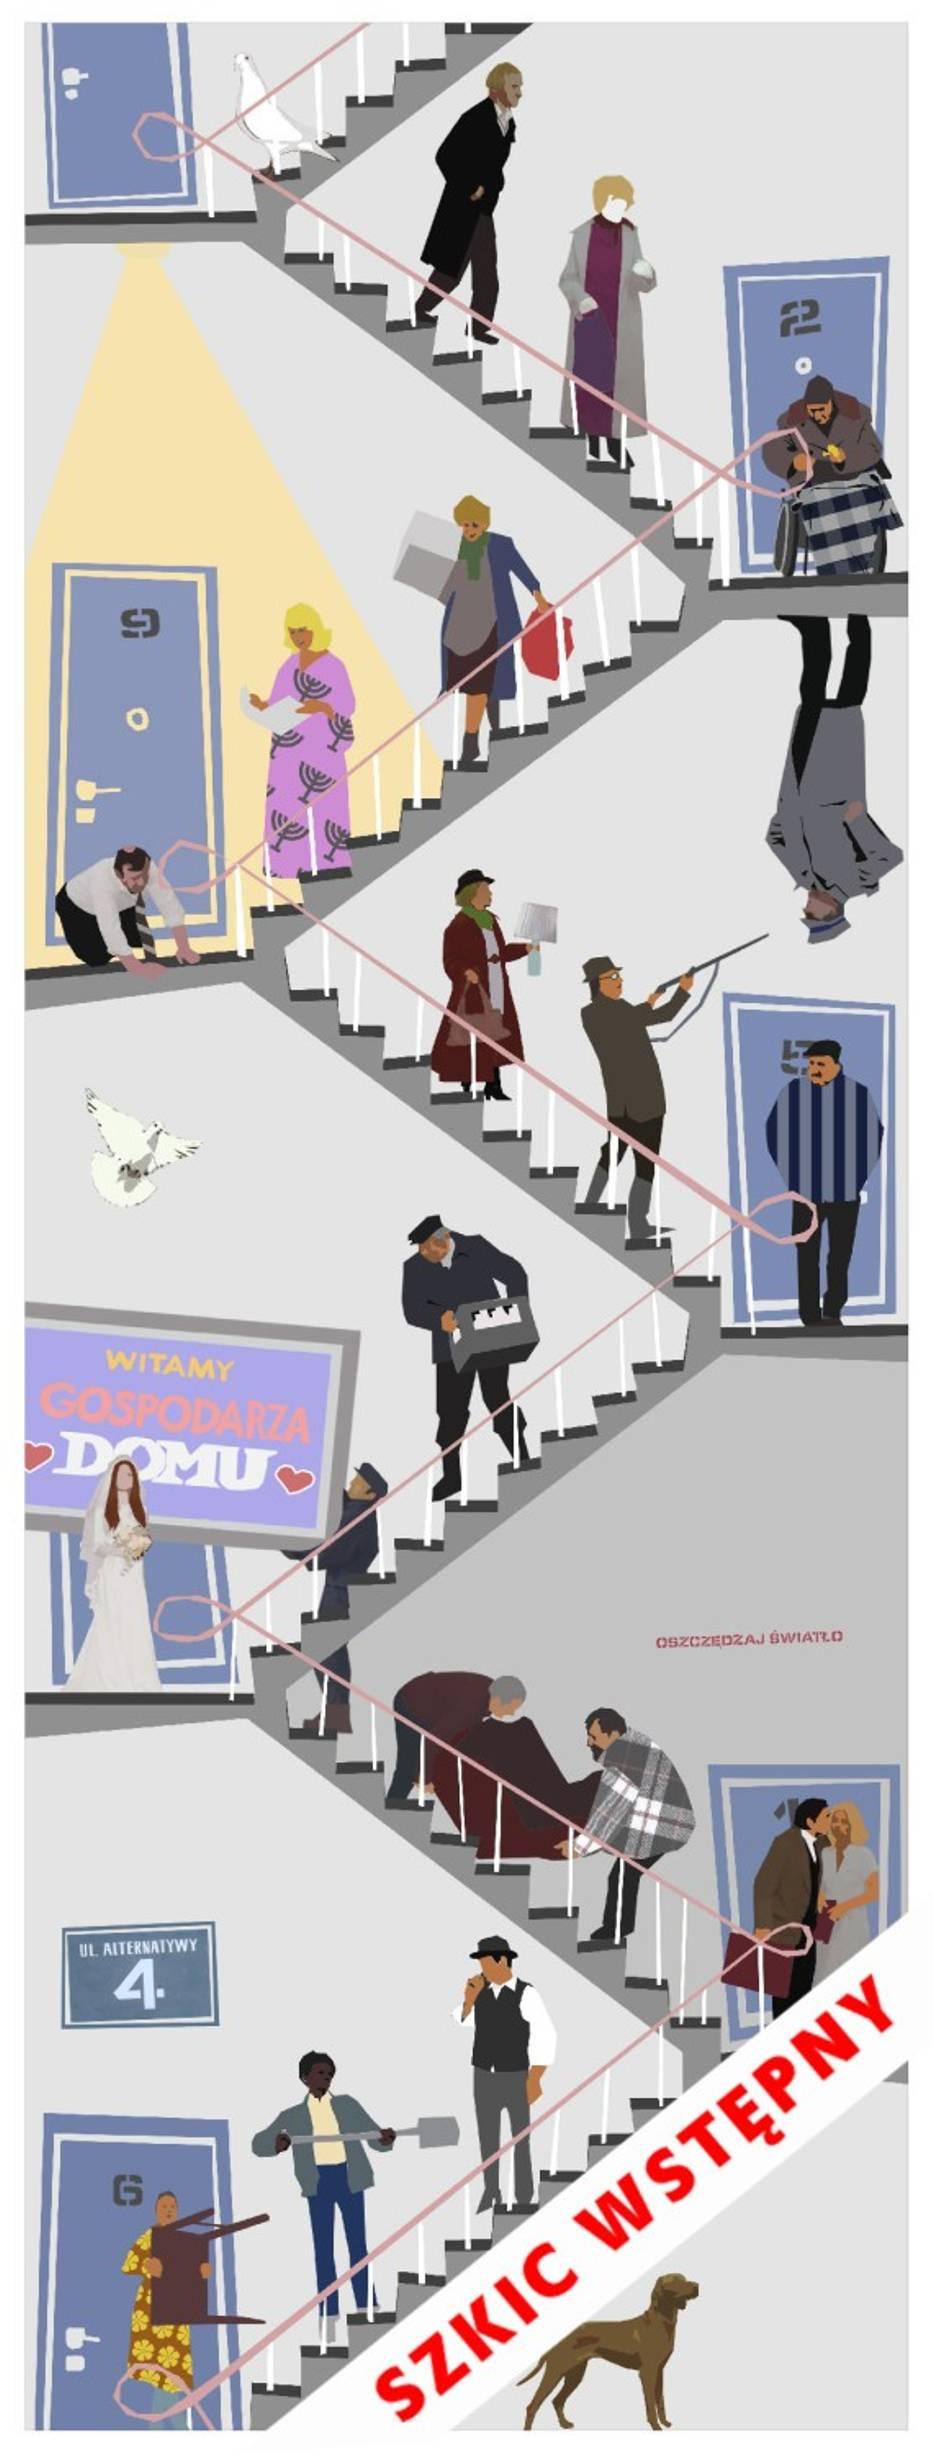 Alternatywy 4 fani serialu i mieszka cy ursynowa chc for Mural alternatywy 4